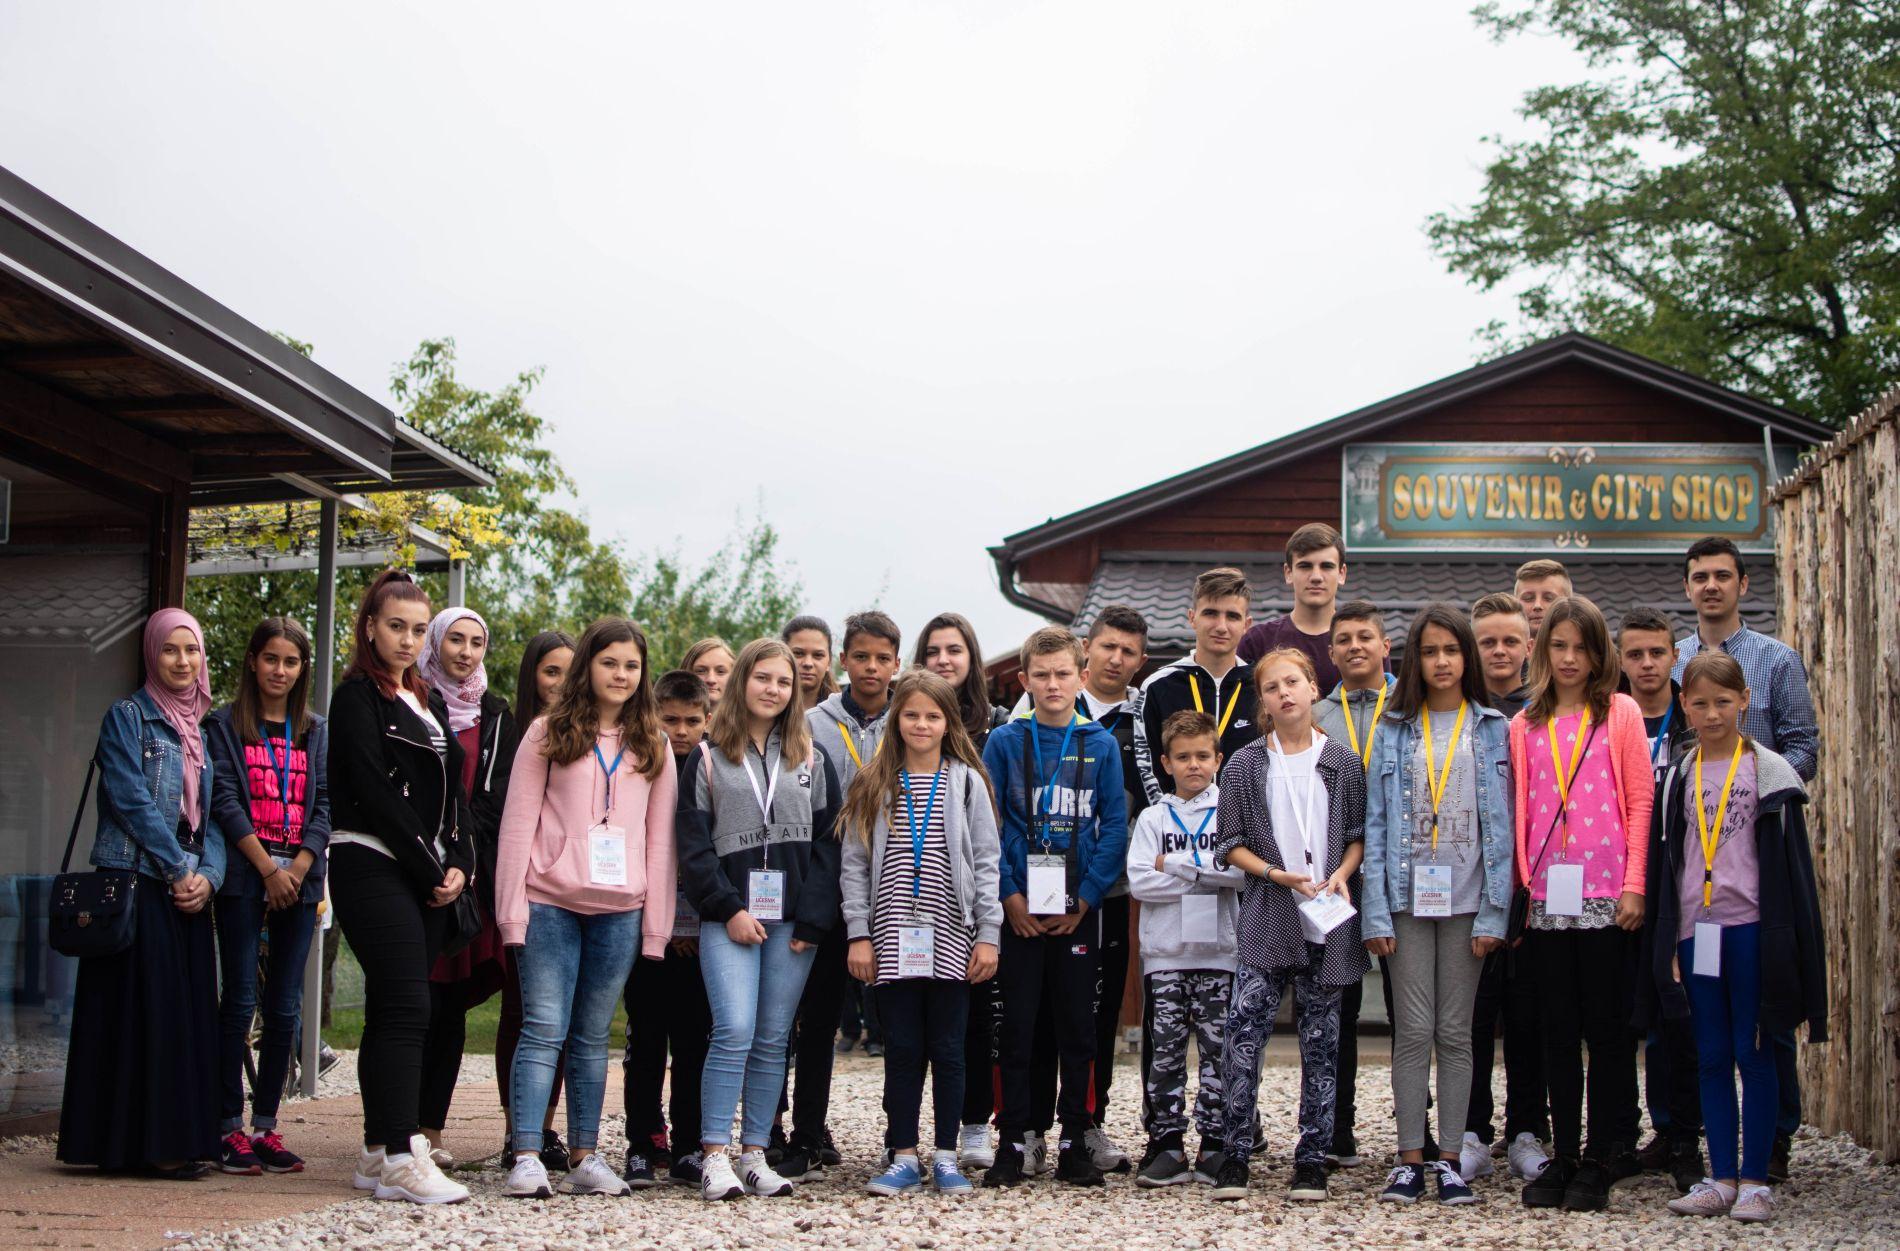 Ljetna skola za djecu iz povrat mjesta 2019_06